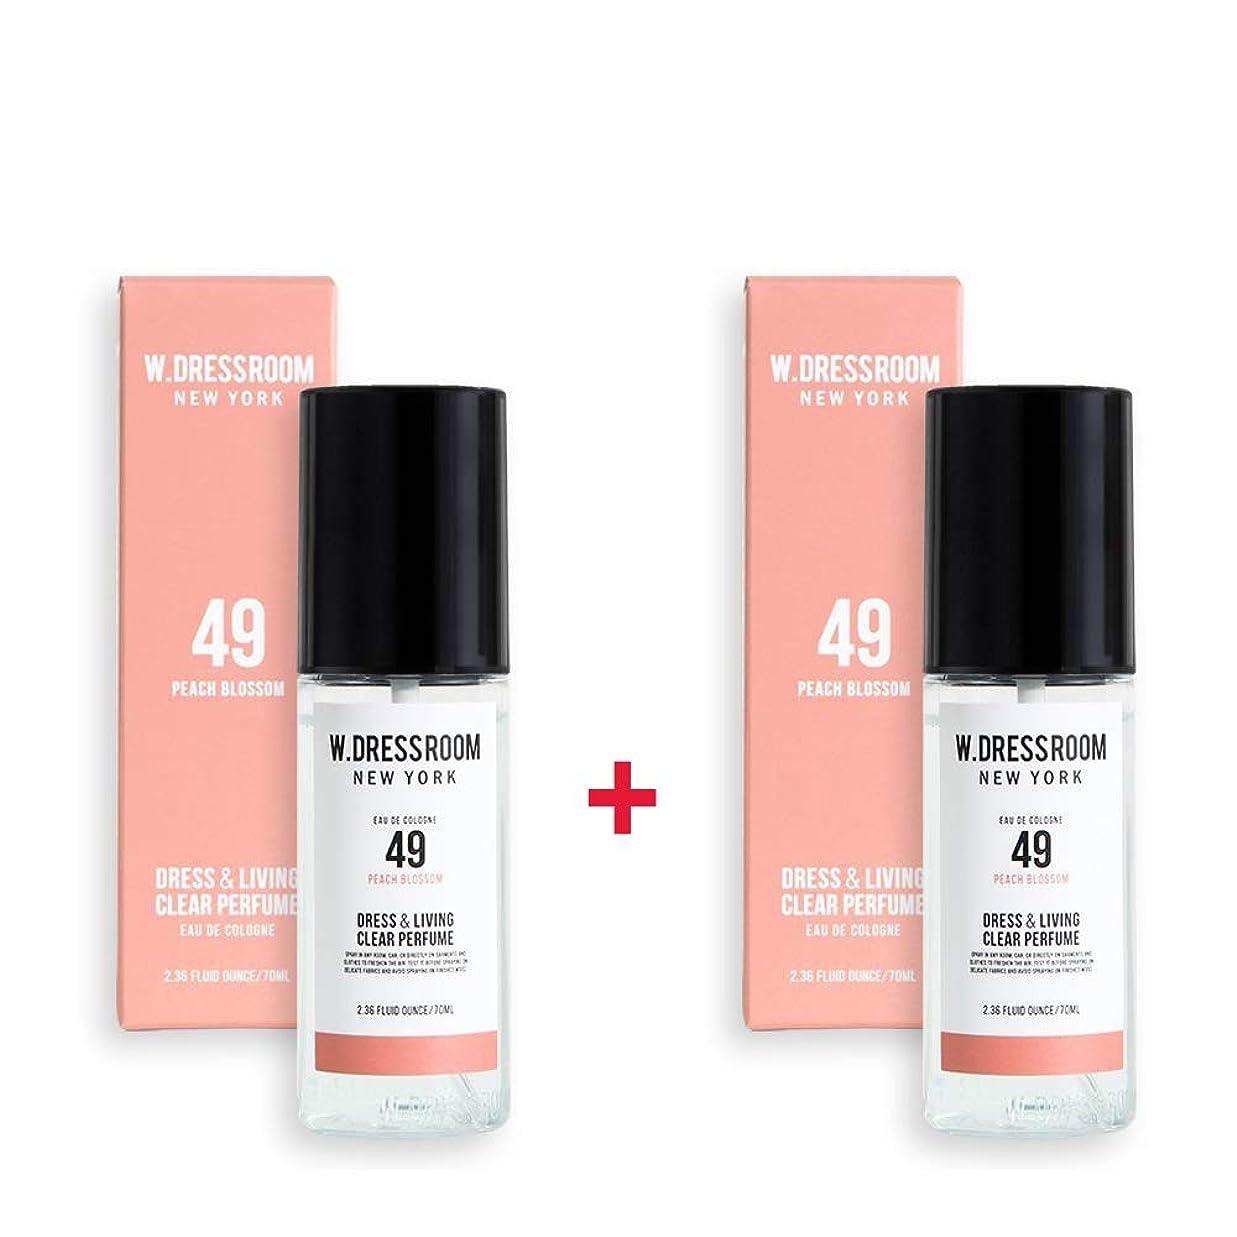 セラーストリーム脅かすW.DRESSROOM Dress & Living Clear Perfume 70ml (No 49 Peach Blossom)+(No 49 Peach Blossom)